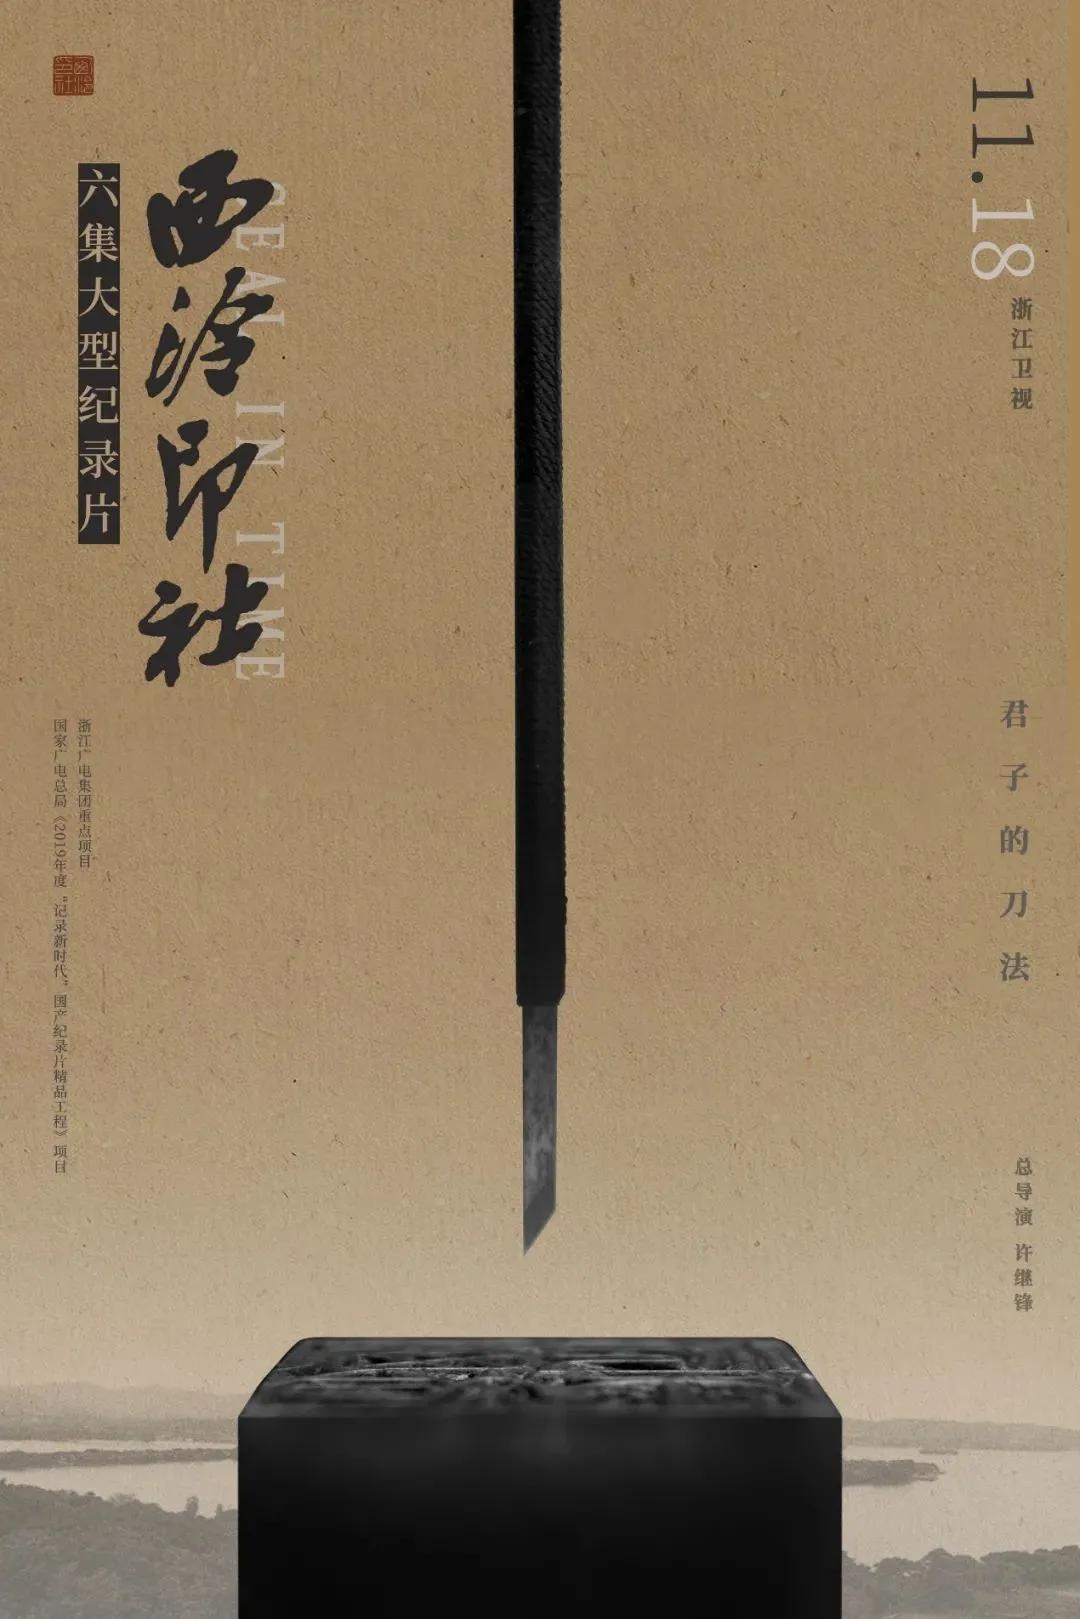 预告丨六集大型纪录片《西泠印社》第四集《衣冠》将播